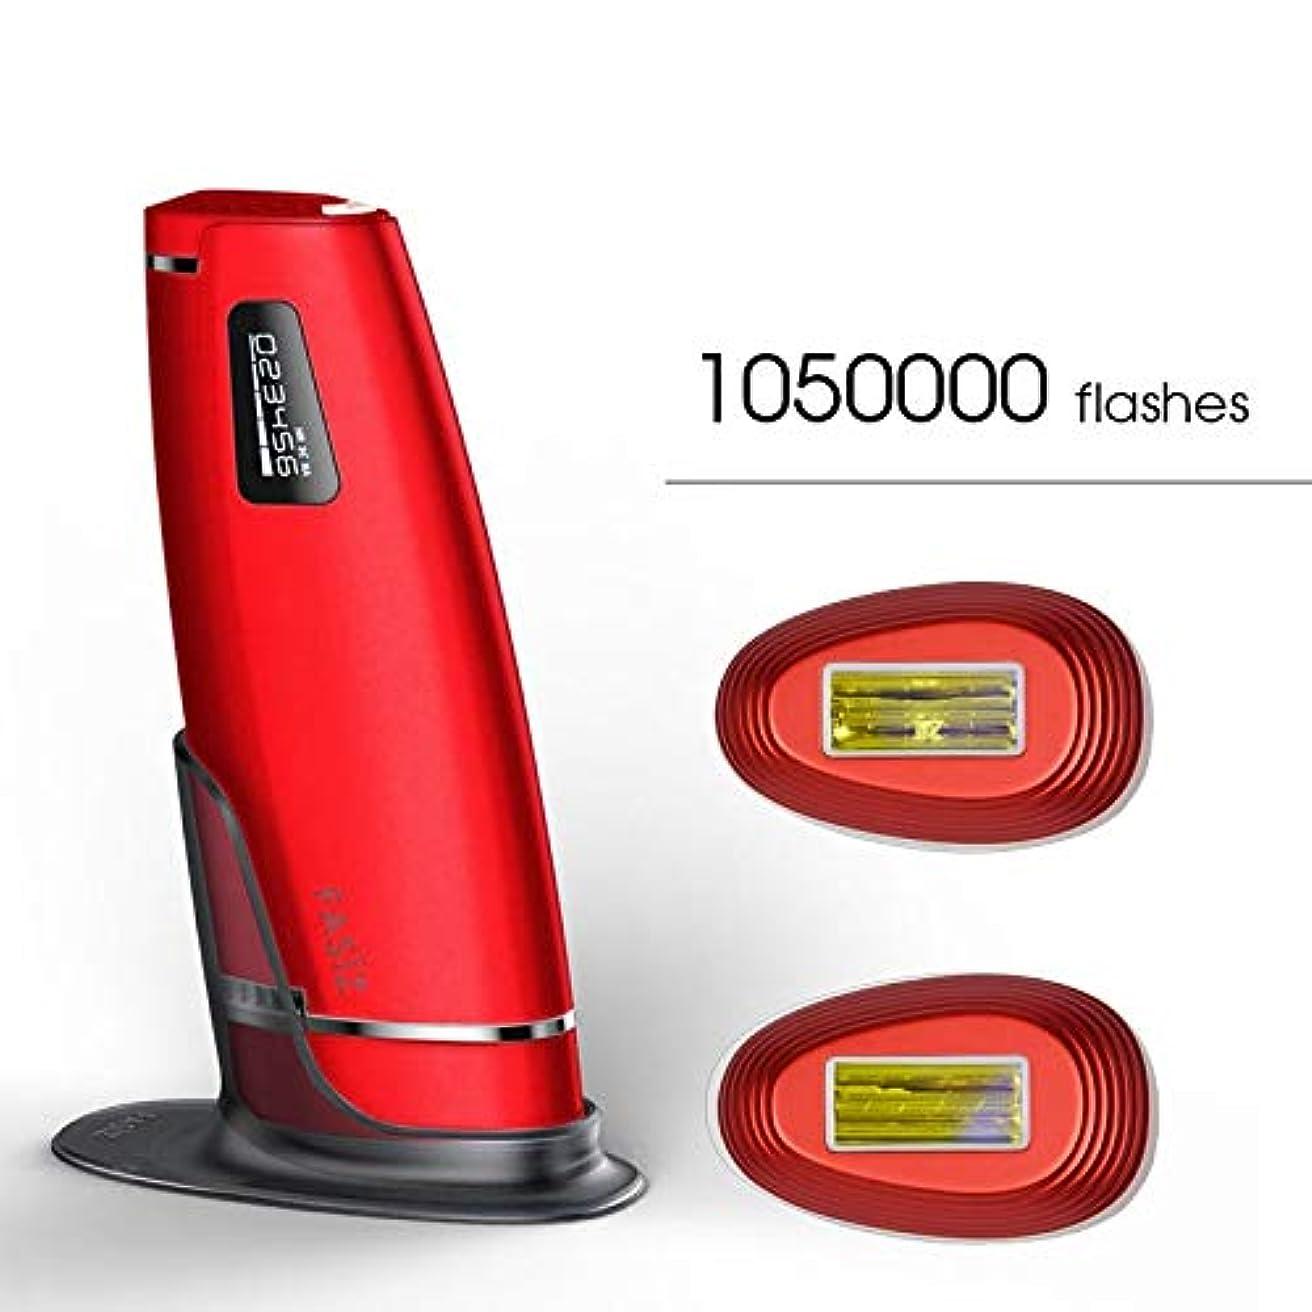 クリープカールリンクFANPING 3in1の1050000pulsed IPLレーザー脱毛デバイス永久脱毛IPLレーザー脱毛器脇脱毛機 (Color : 赤)